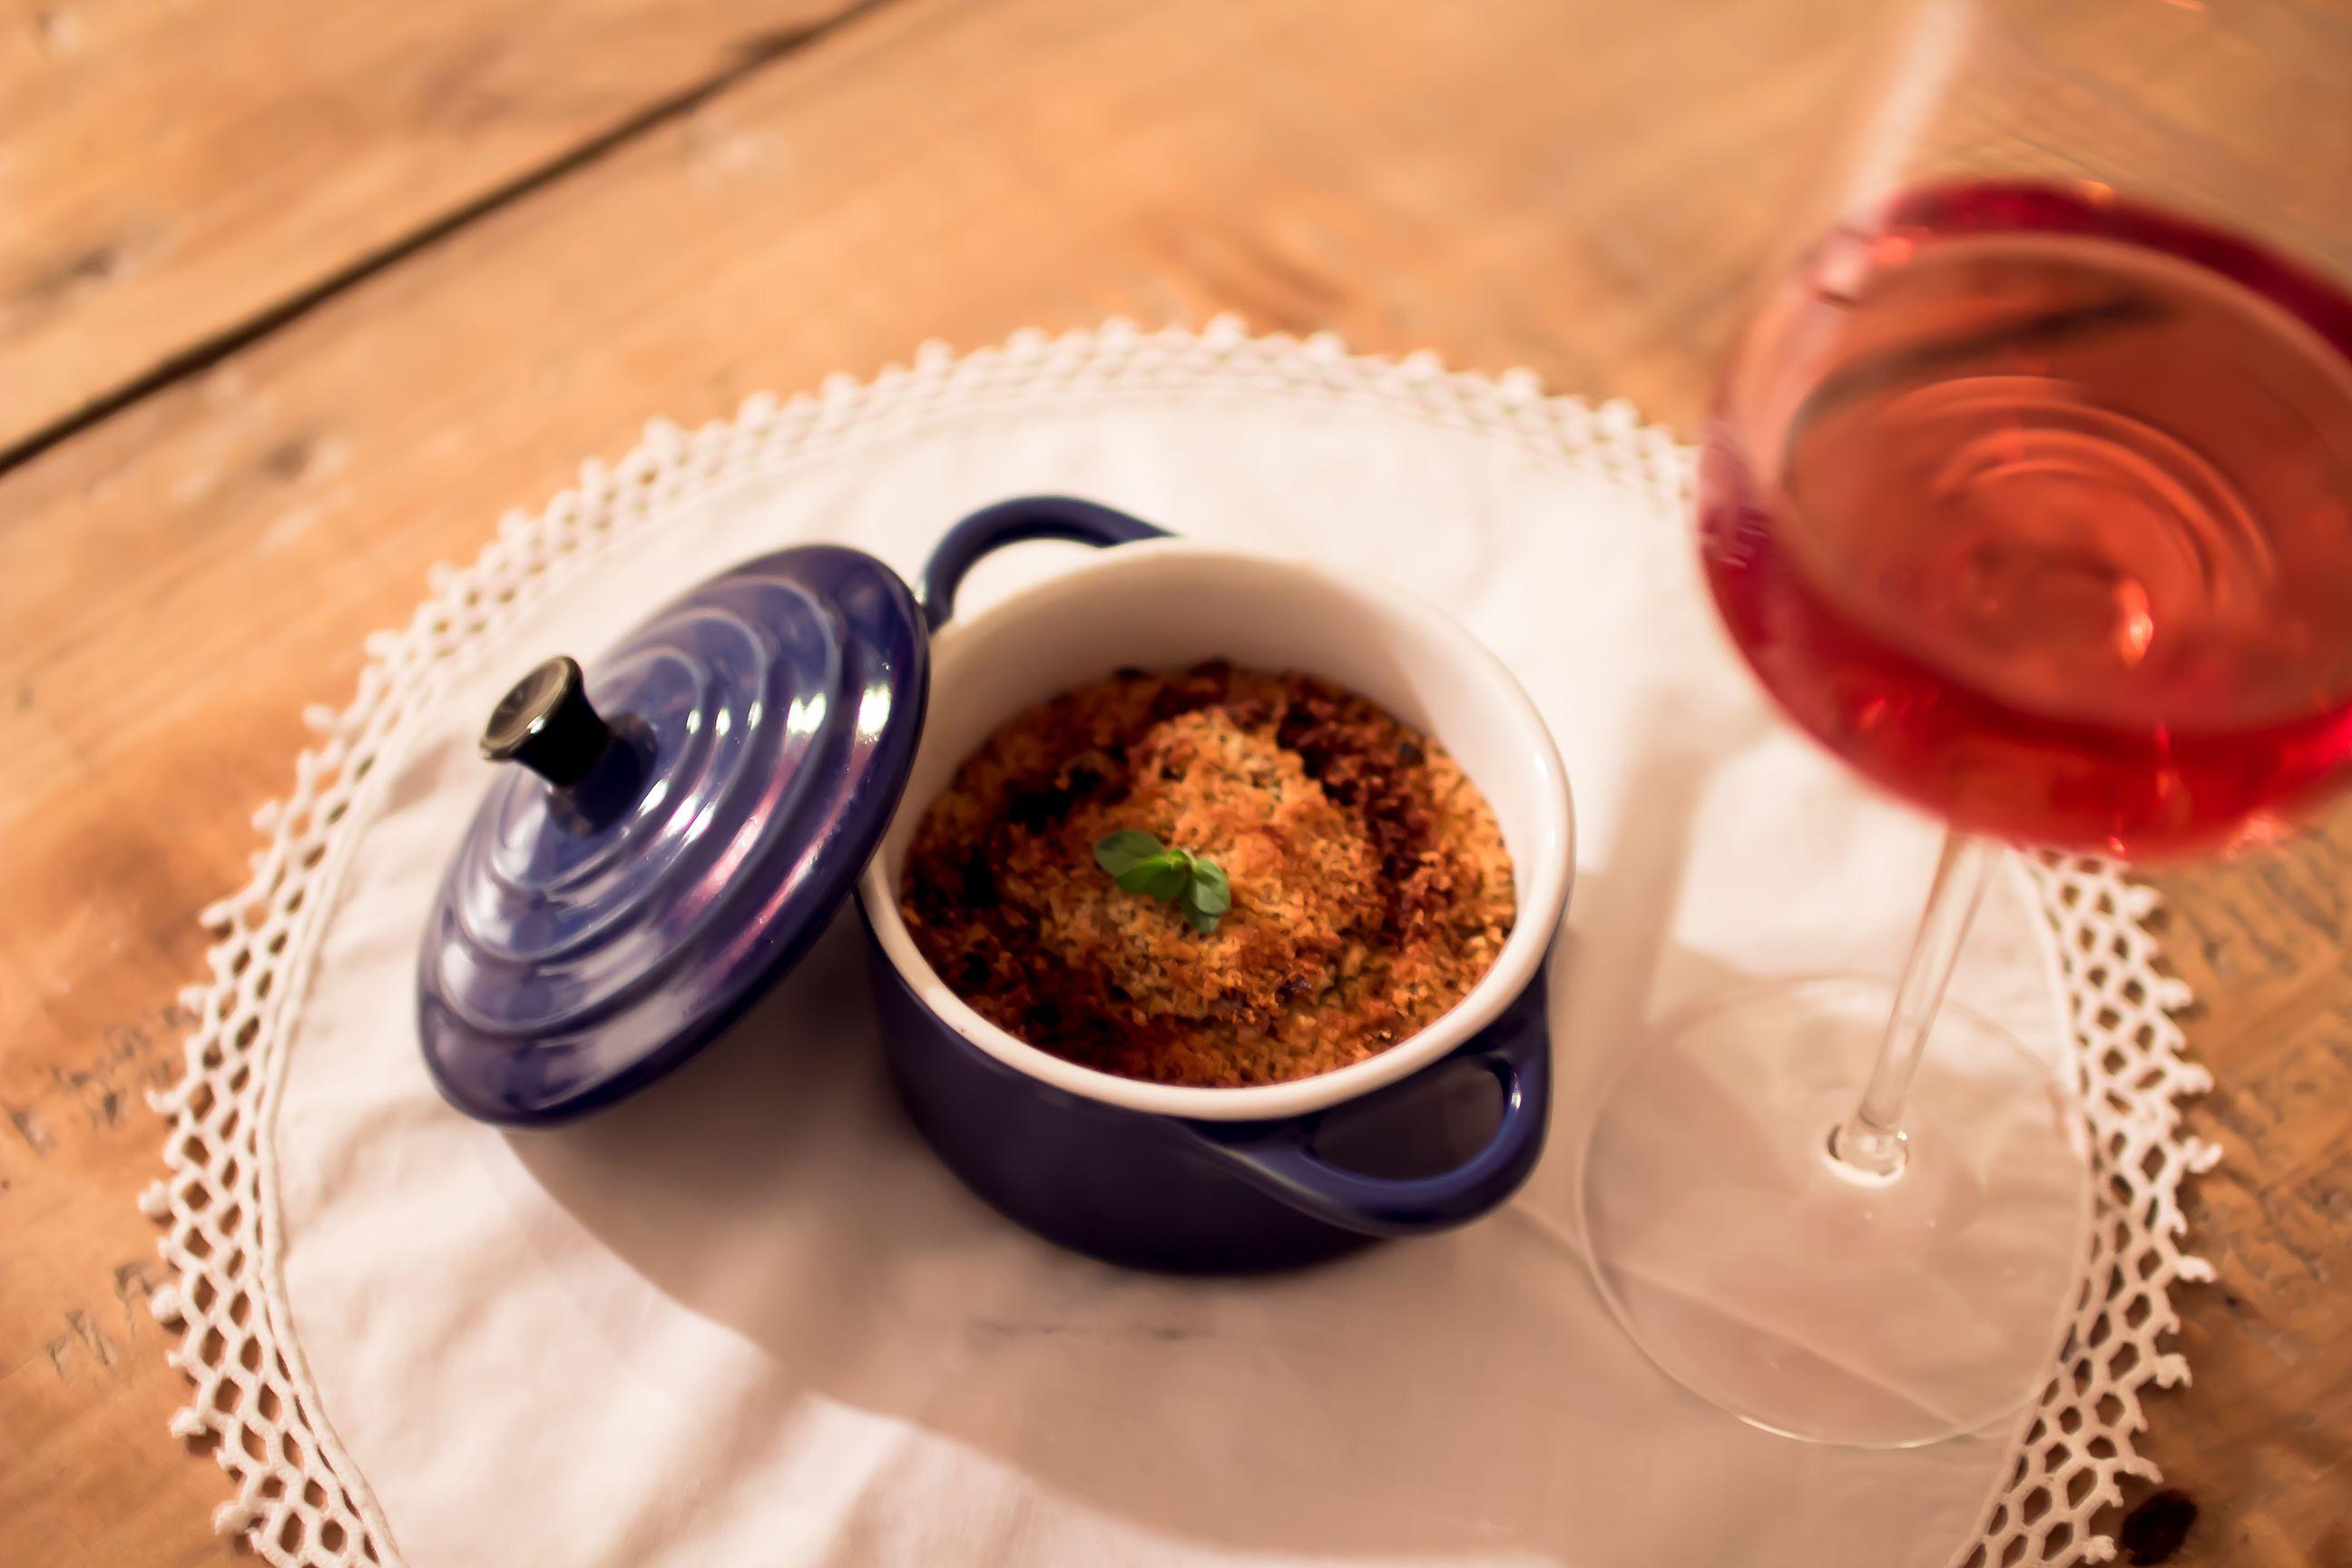 """Pomodori, olio, prezzemolo, cipolla e pan grattato per condire una teglia di patate e alici da cuocere in forno.  Perché l'Abruzzo è così: il mare che incontra la terra. E la """"Tiella"""" di alici che incontra il nostro Hedòs Cerasuolo."""